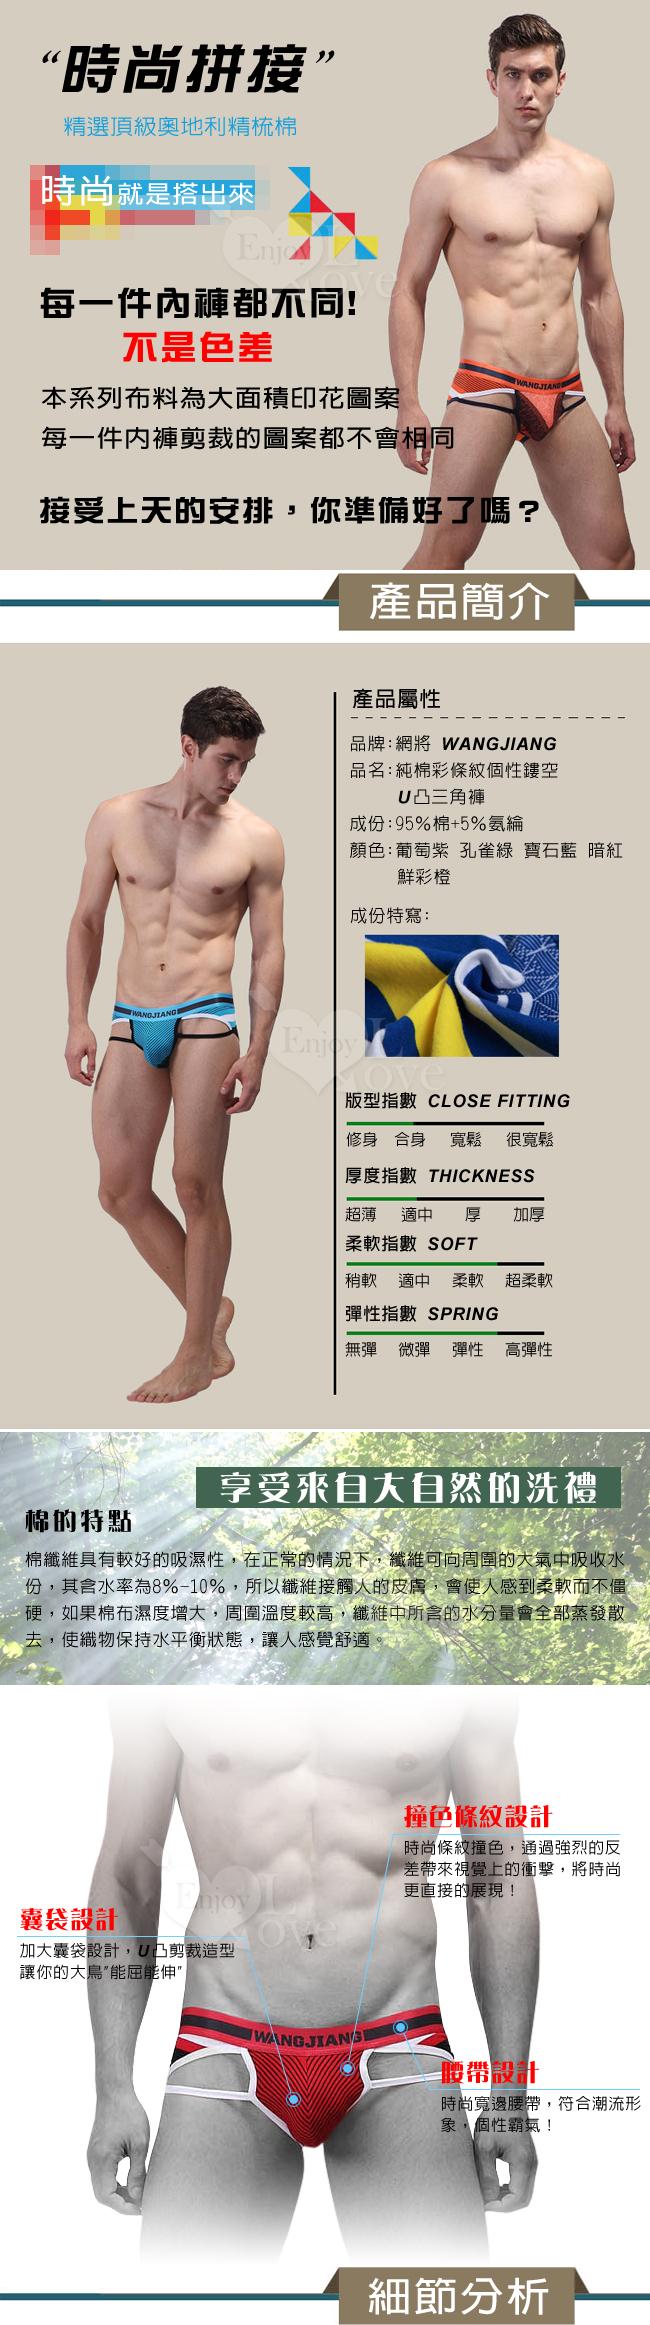 【網將WJ】純棉彩條紋個性鏤空U凸三角褲﹝暗紅 L﹞